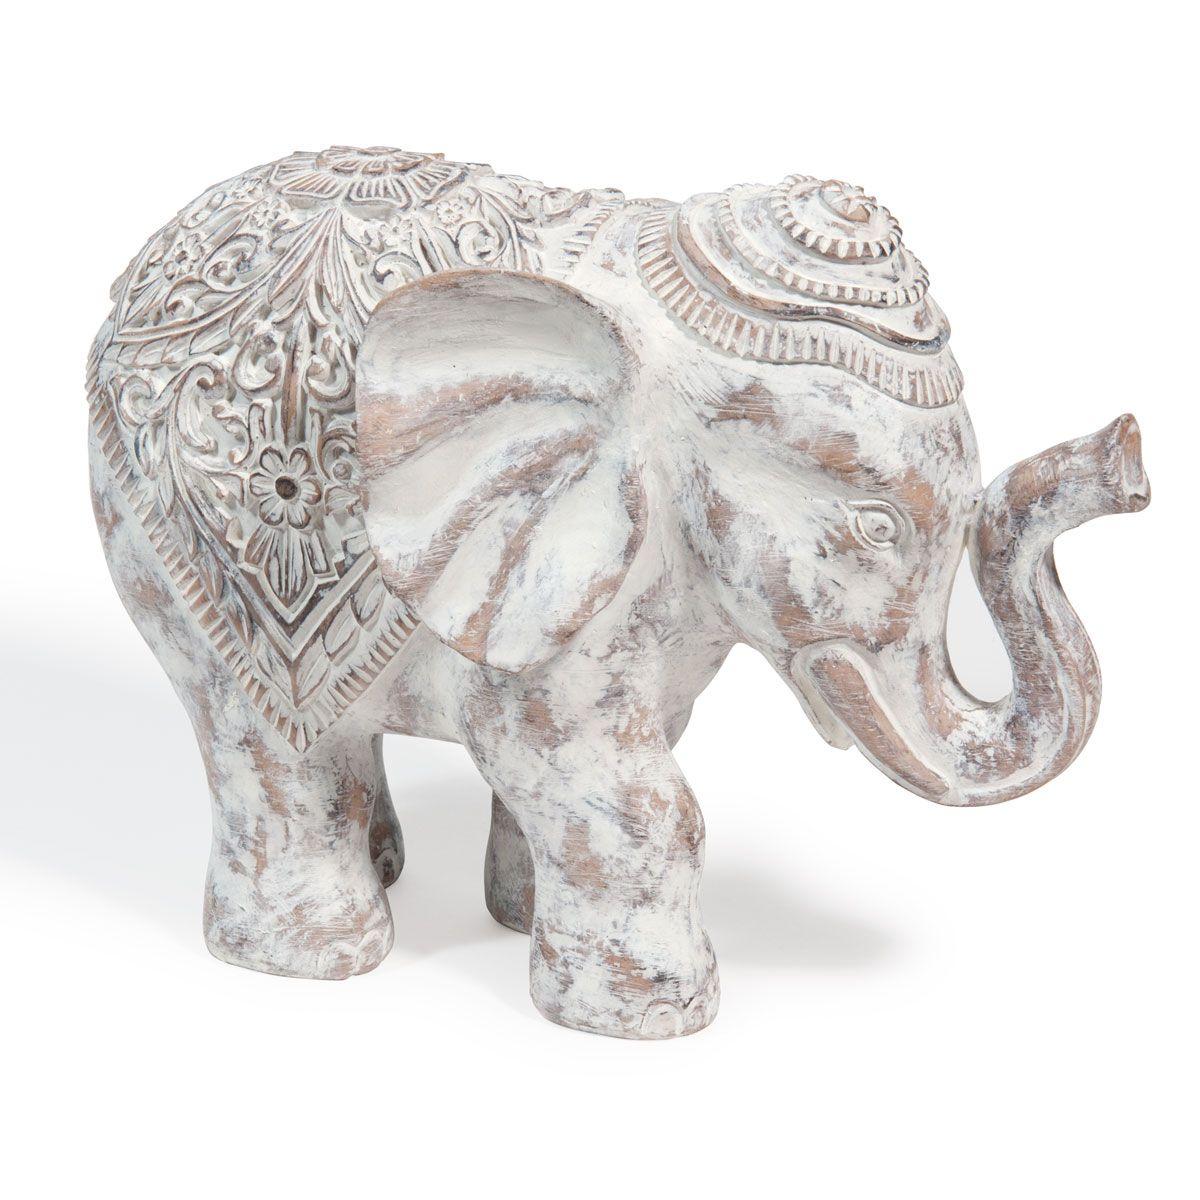 Statuette Figurine Et Bibelot Deco Elephant Decoration Boheme Chic Maison Du Monde